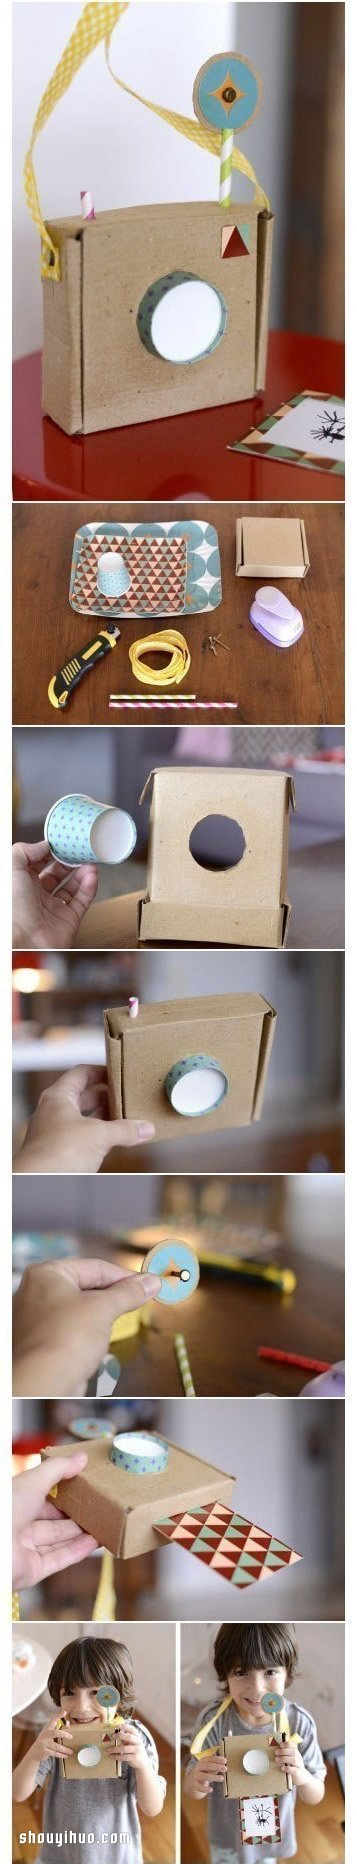 利用废纸箱和一次性纸杯制作胶卷相机玩具